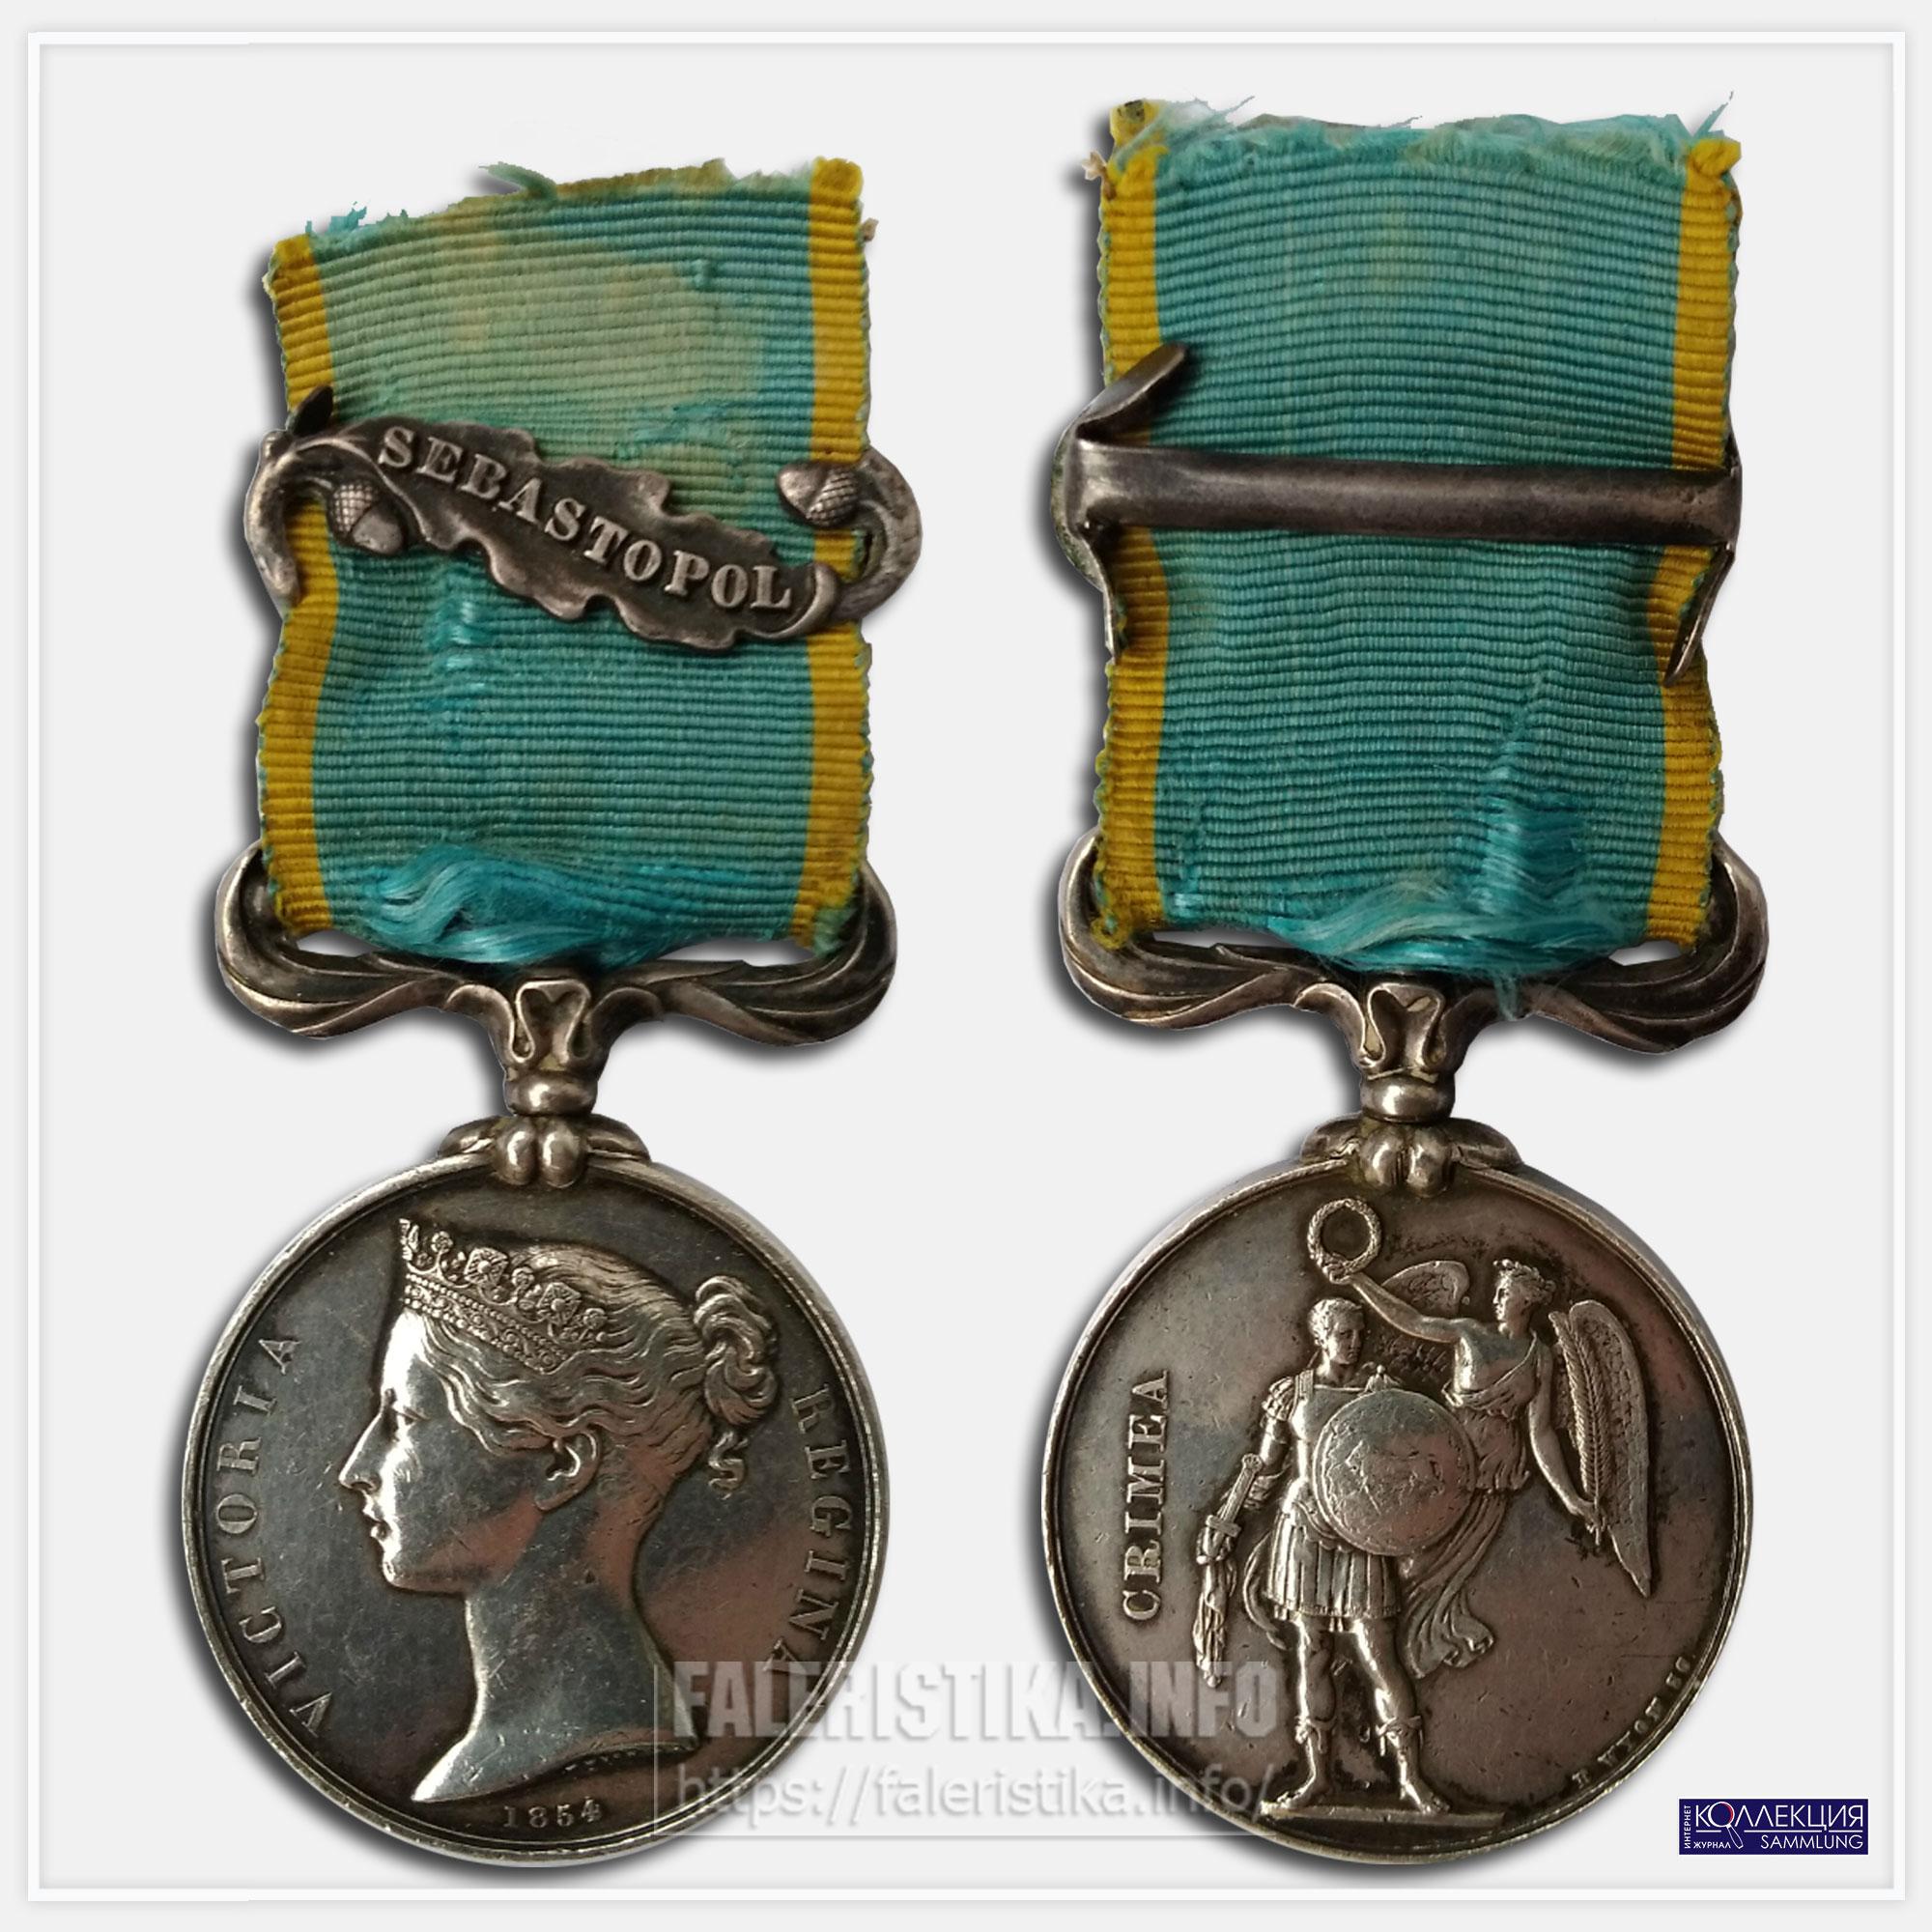 Крымская медаль (англ. Crimea Medal) 1854 года на оригинальной ленте с планкой «Севастополь» (1855). Коллекция М.М. Тренихина